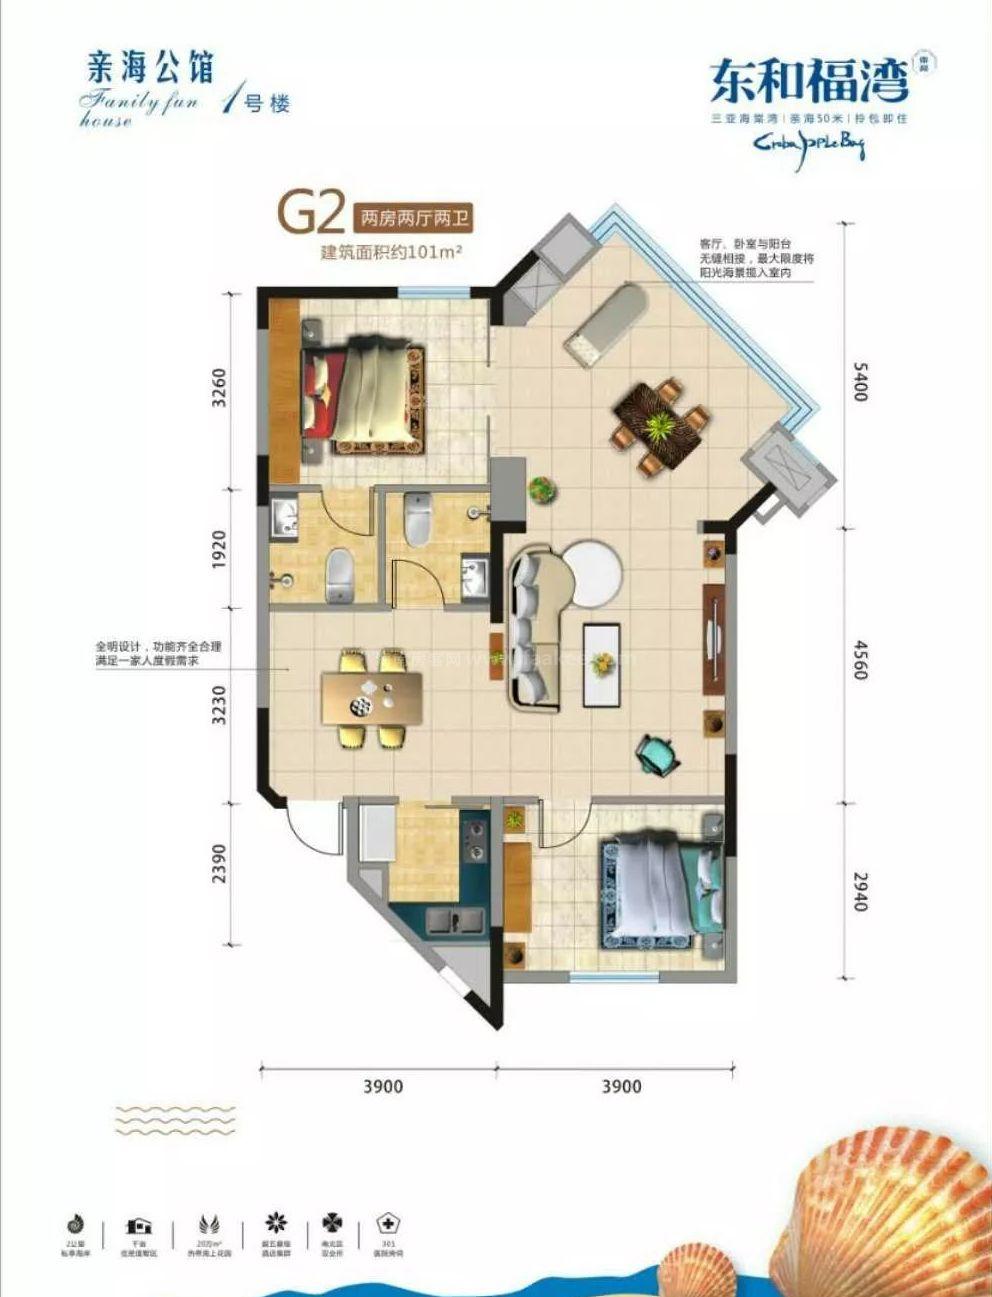 1号楼G2户型 2房2厅2卫 建面101㎡